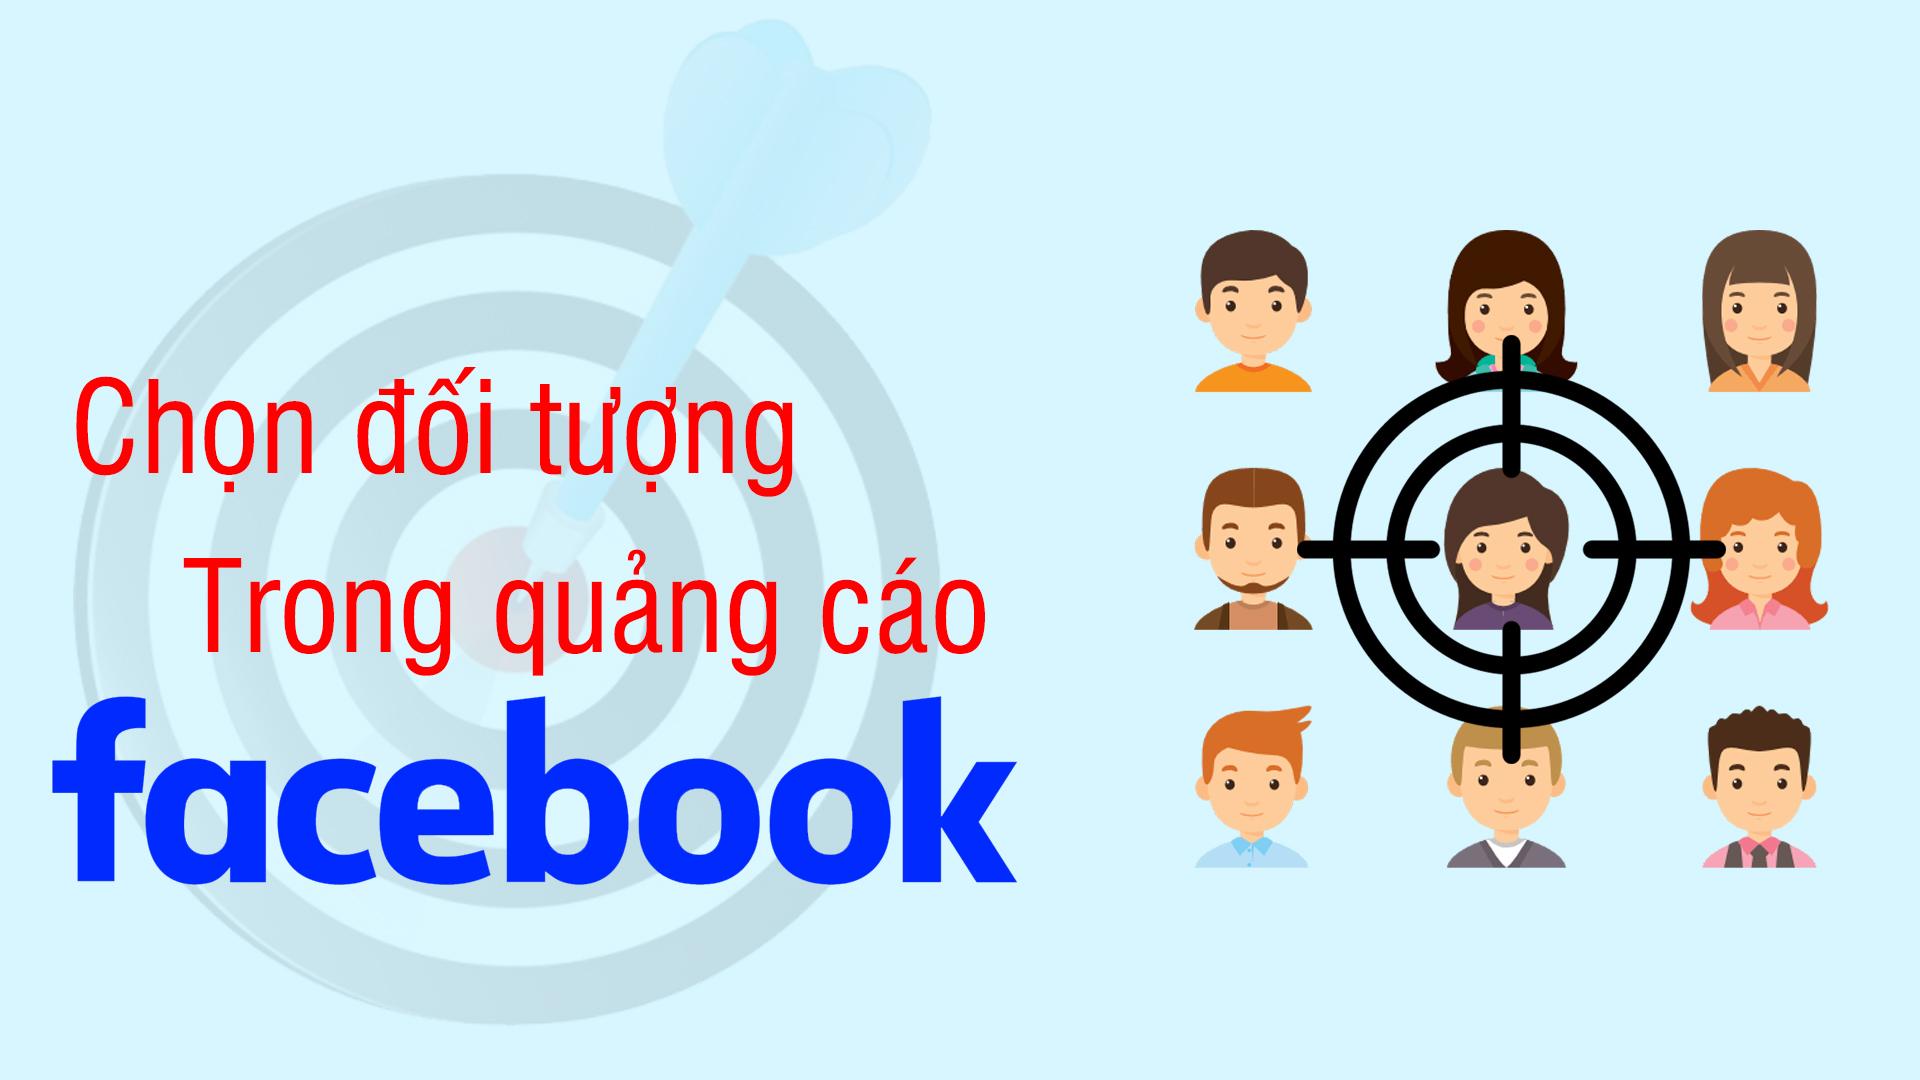 đối tượng quảng cáo trên facebook